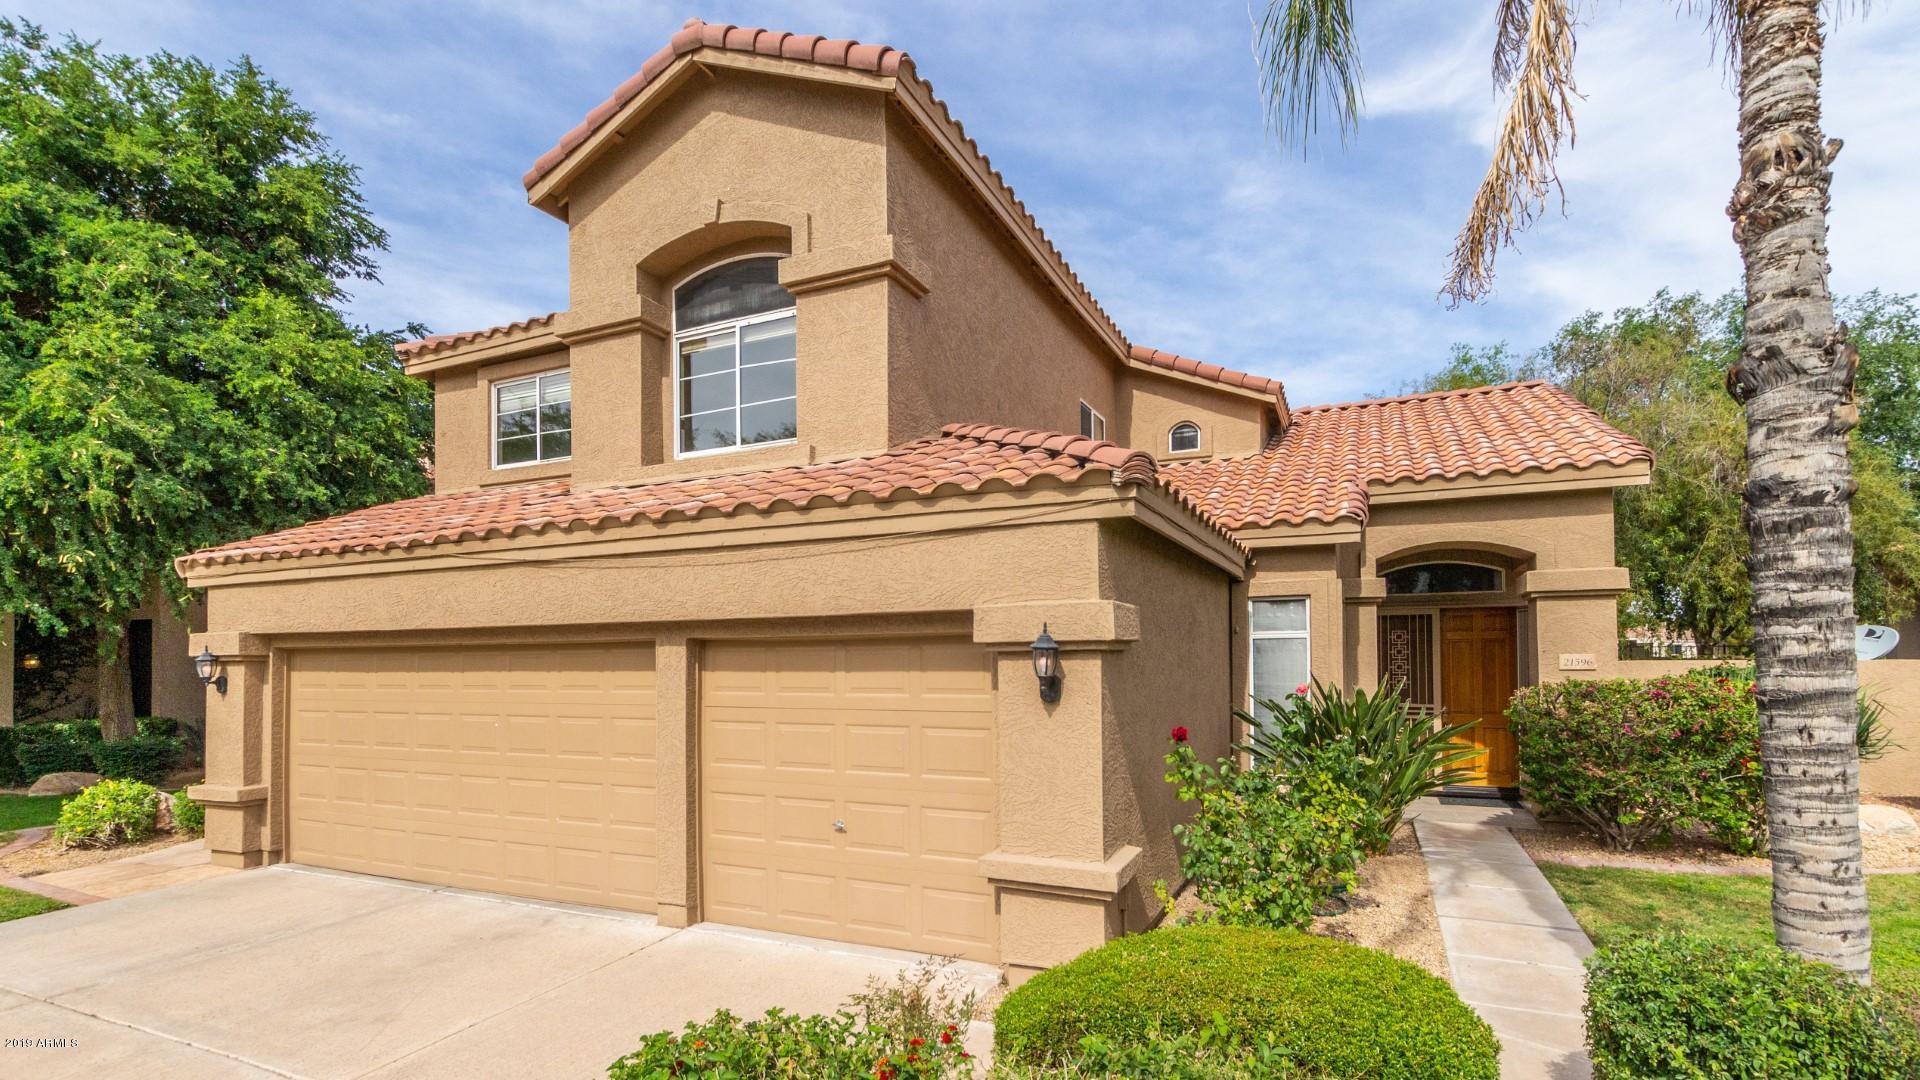 Photo of 21596 N 59TH Lane, Glendale, AZ 85308